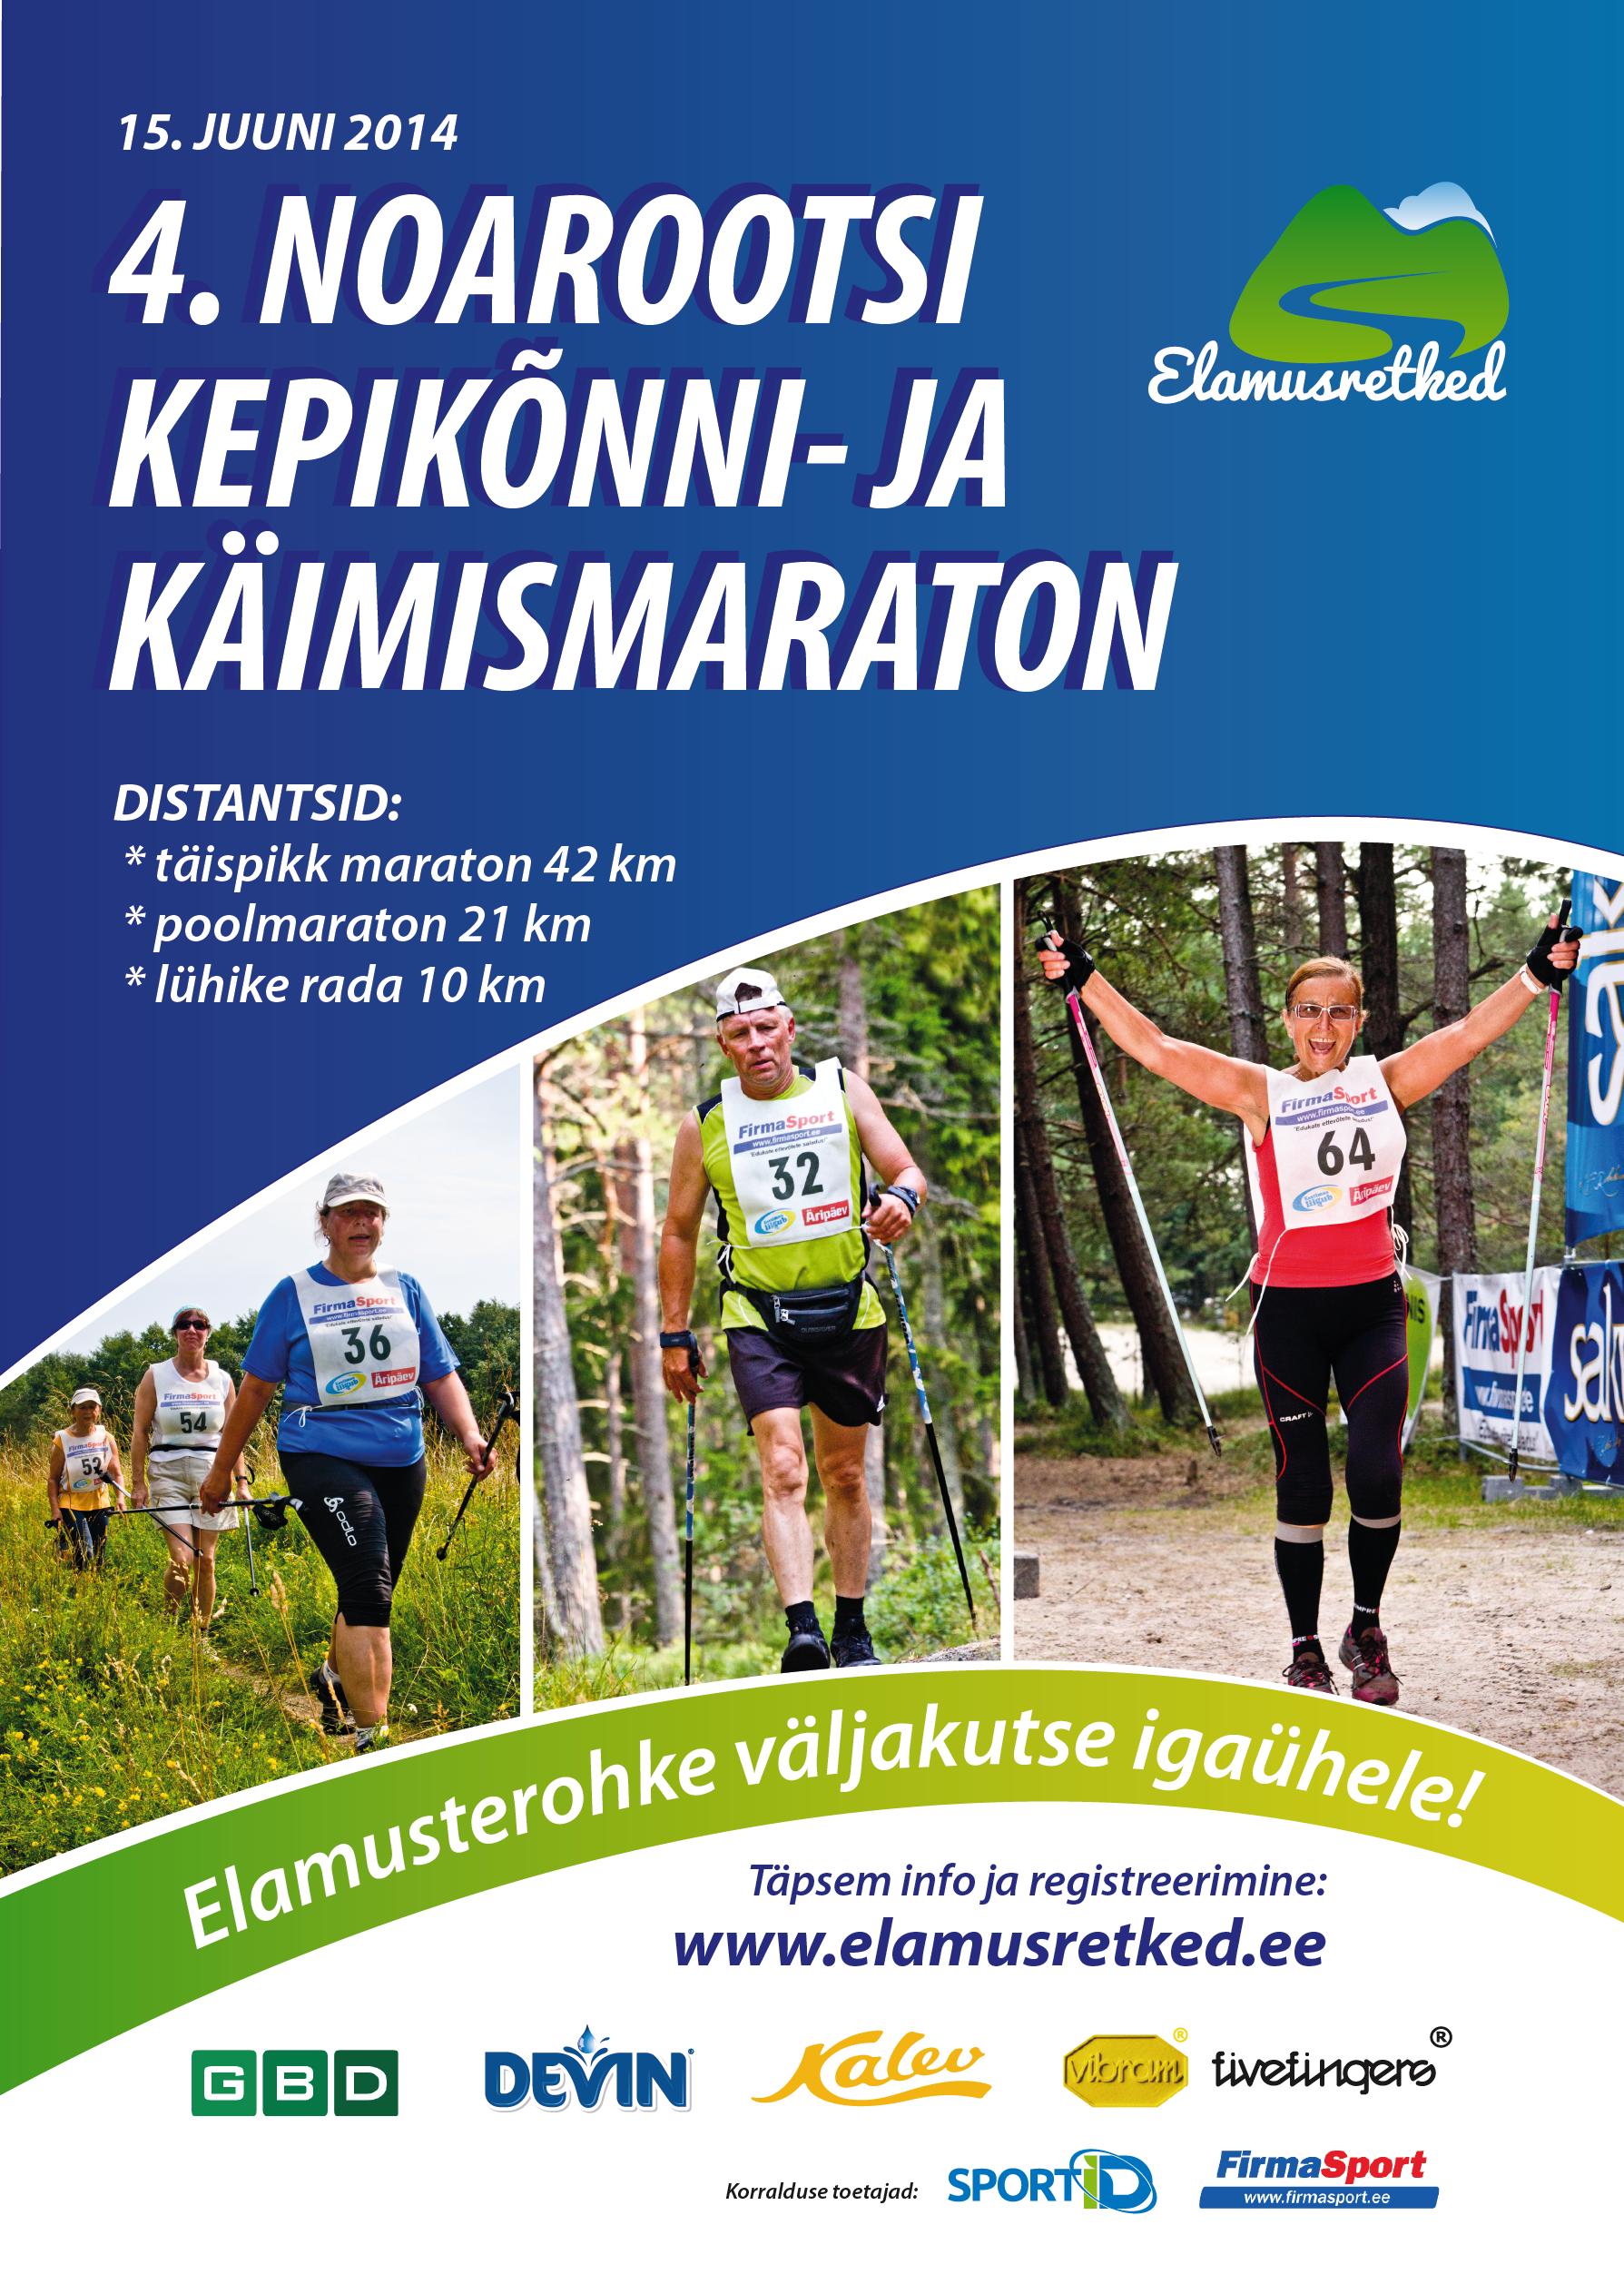 Elamusterohke väljakutse igaühele - viimane võimalus registreerida 4. Noarootsi kepikõnni- ja käimismaratonile!